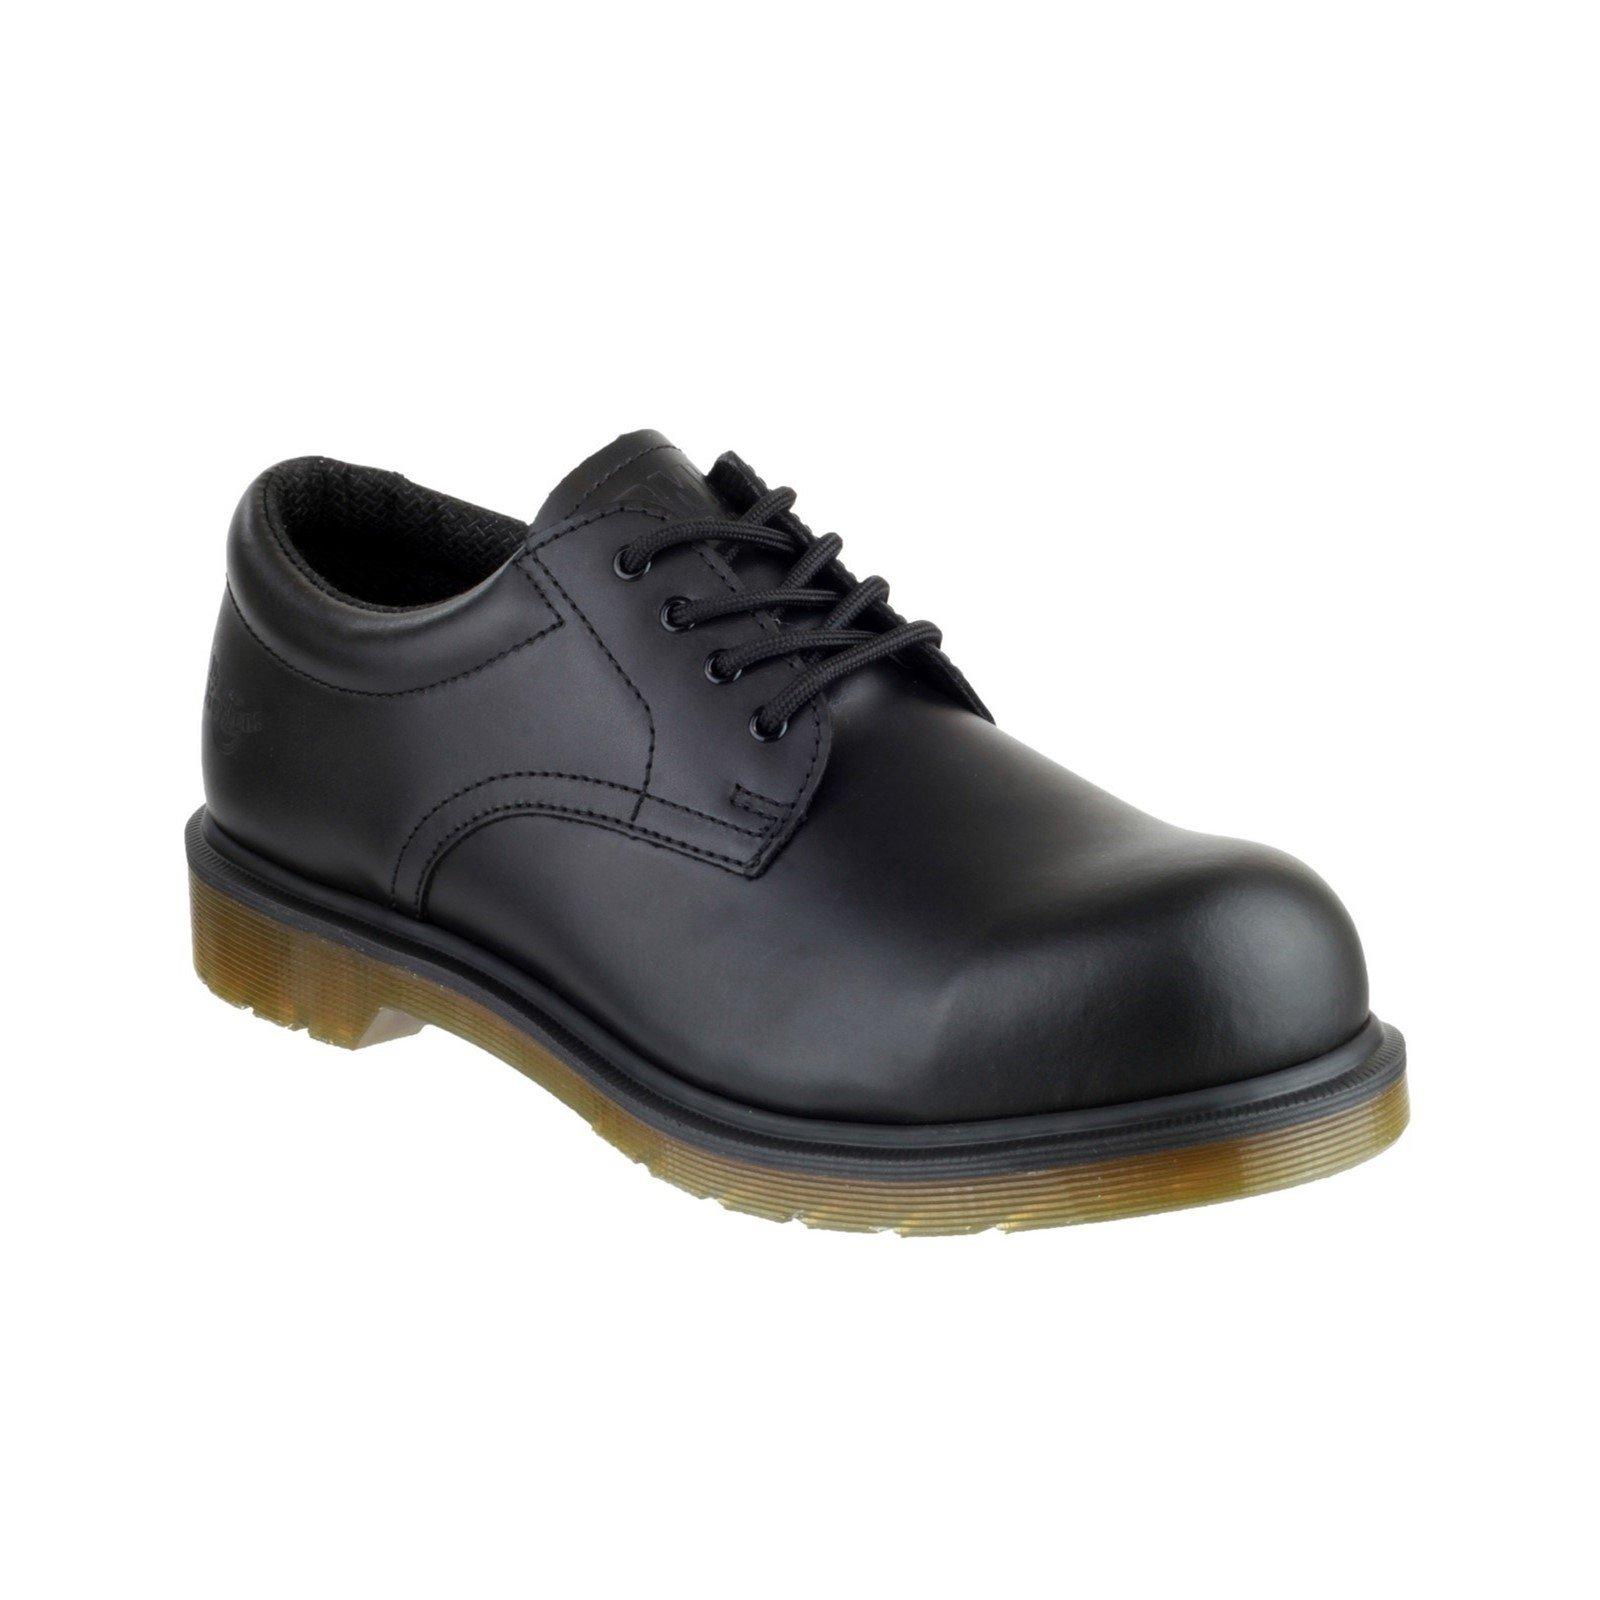 Dr Martens Unisex Icon Lace up Derby Shoe Black 00588 - Black 6